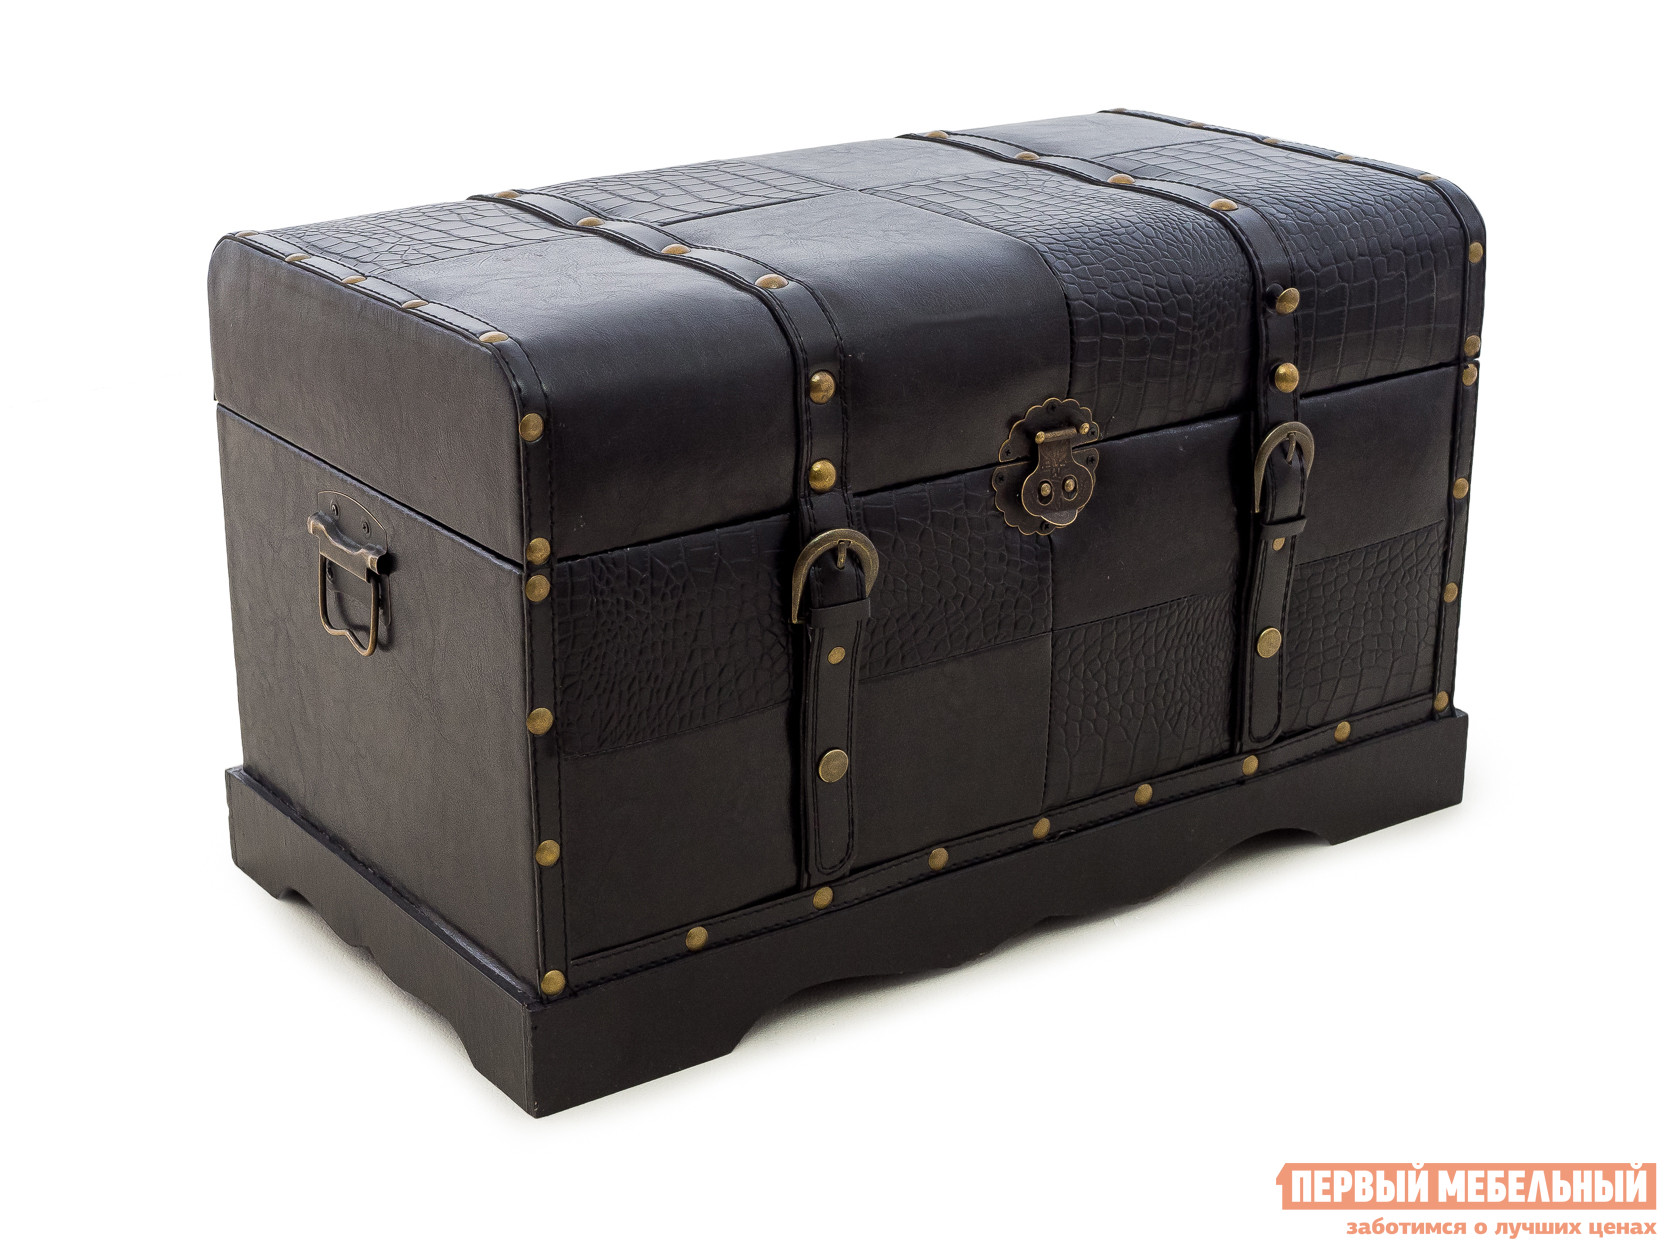 Банкетка МебельТорг 2555 L/M/S Малый, Черная «змеиная» экокожа